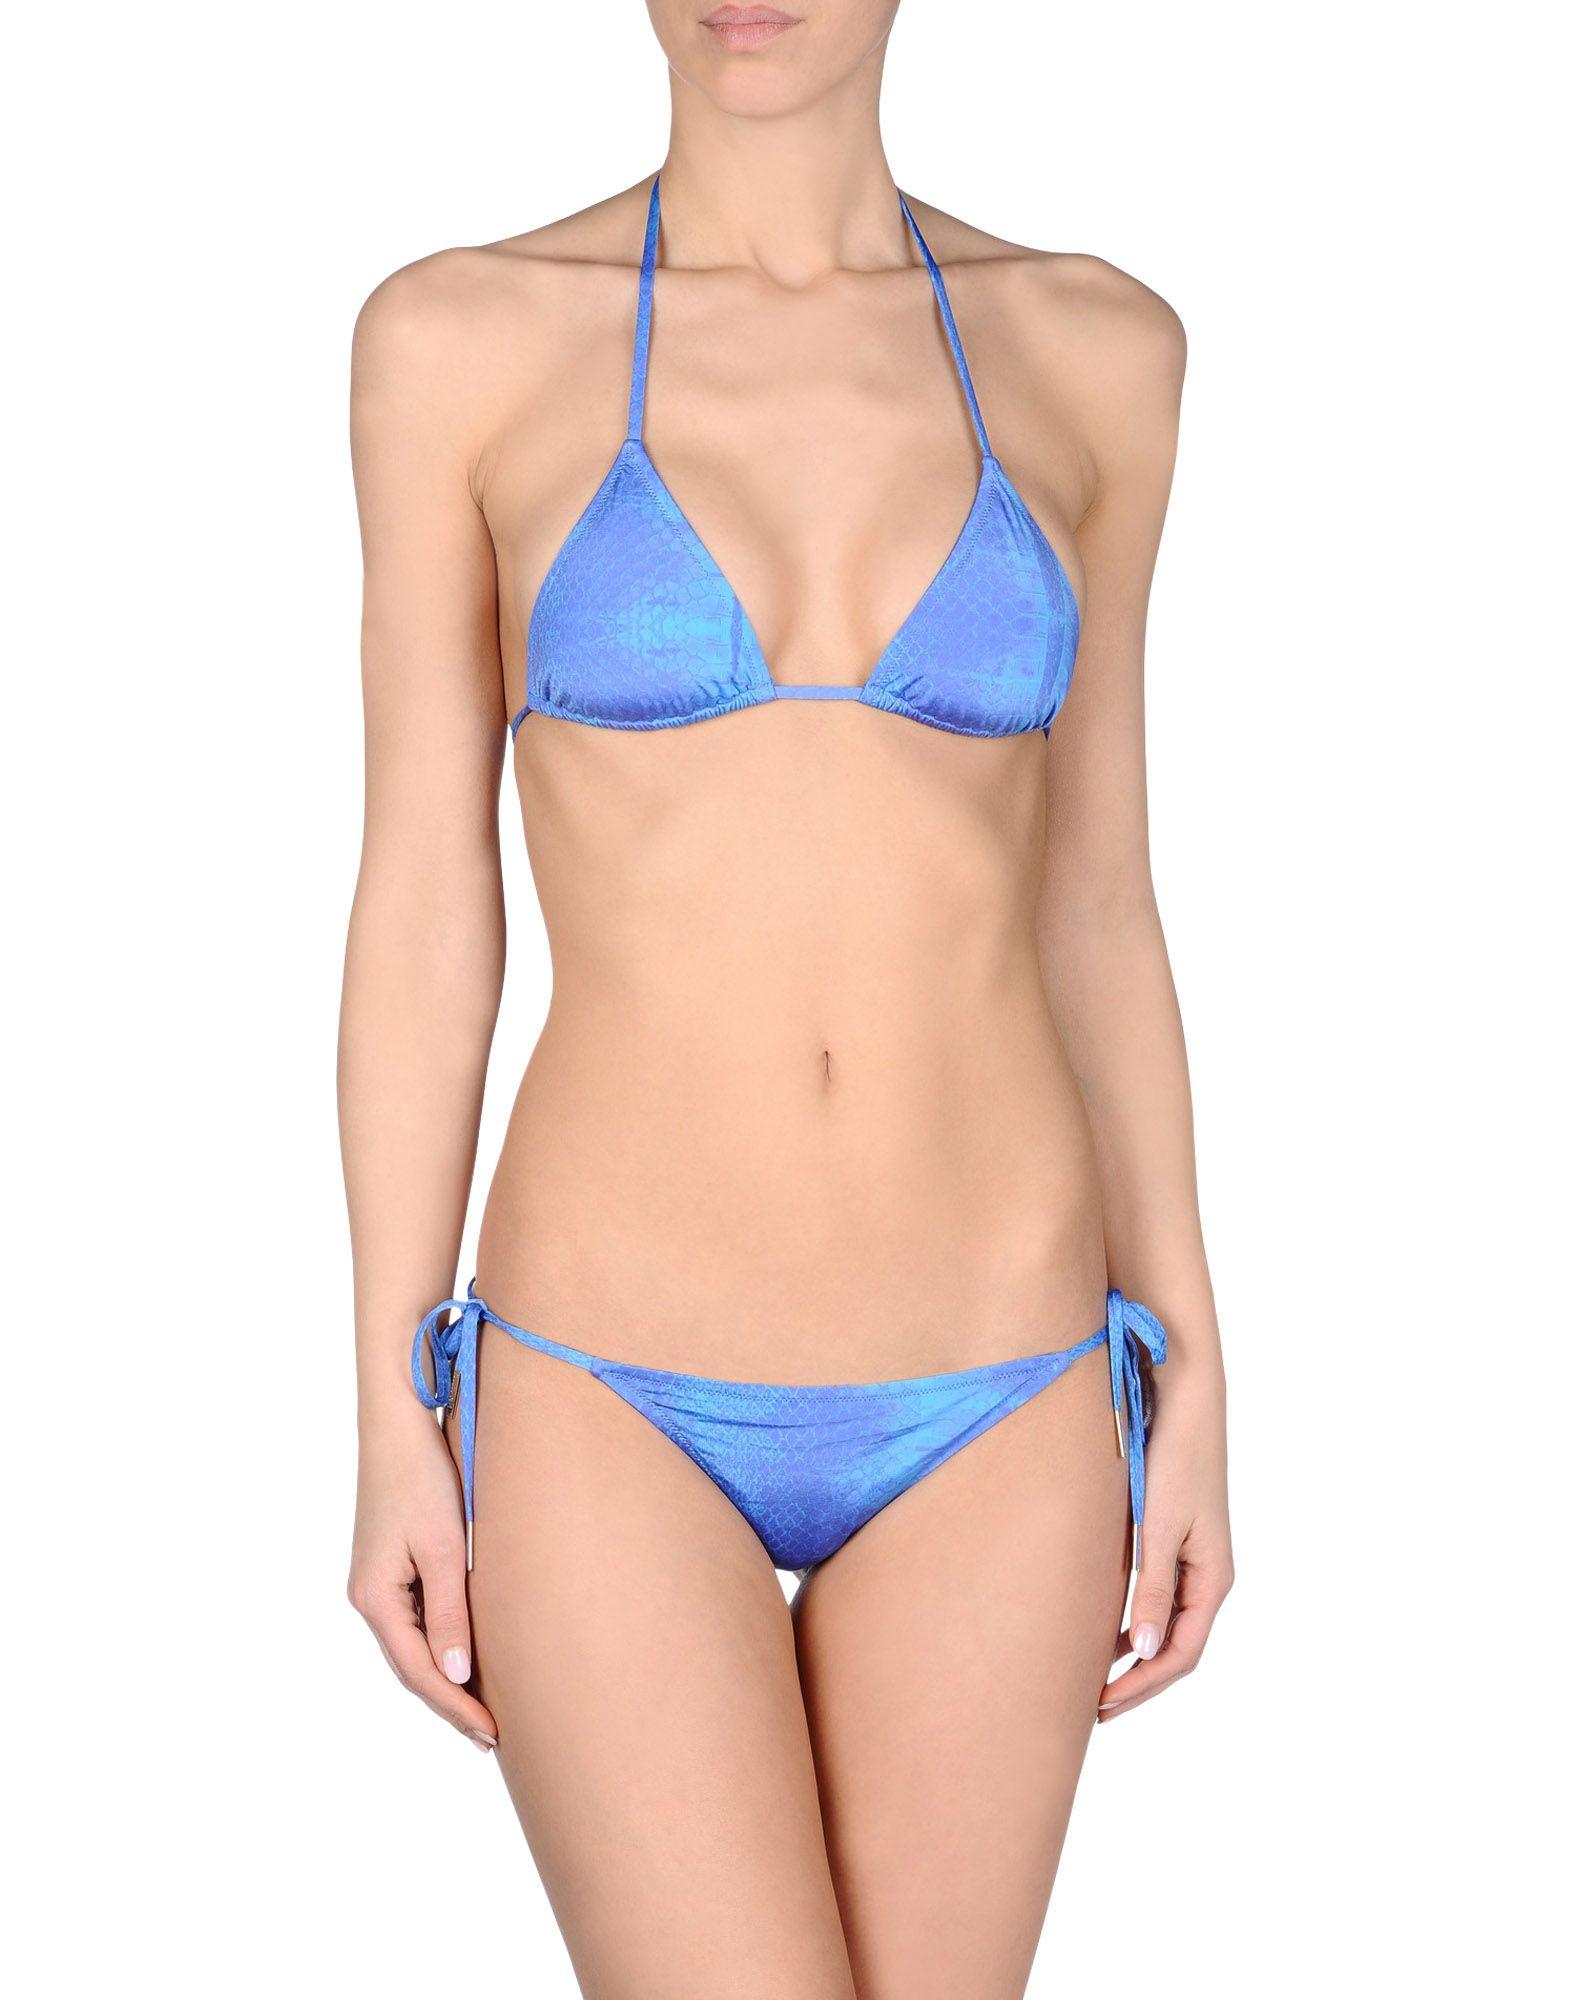 Roberto Cavalli Bikini in Blue